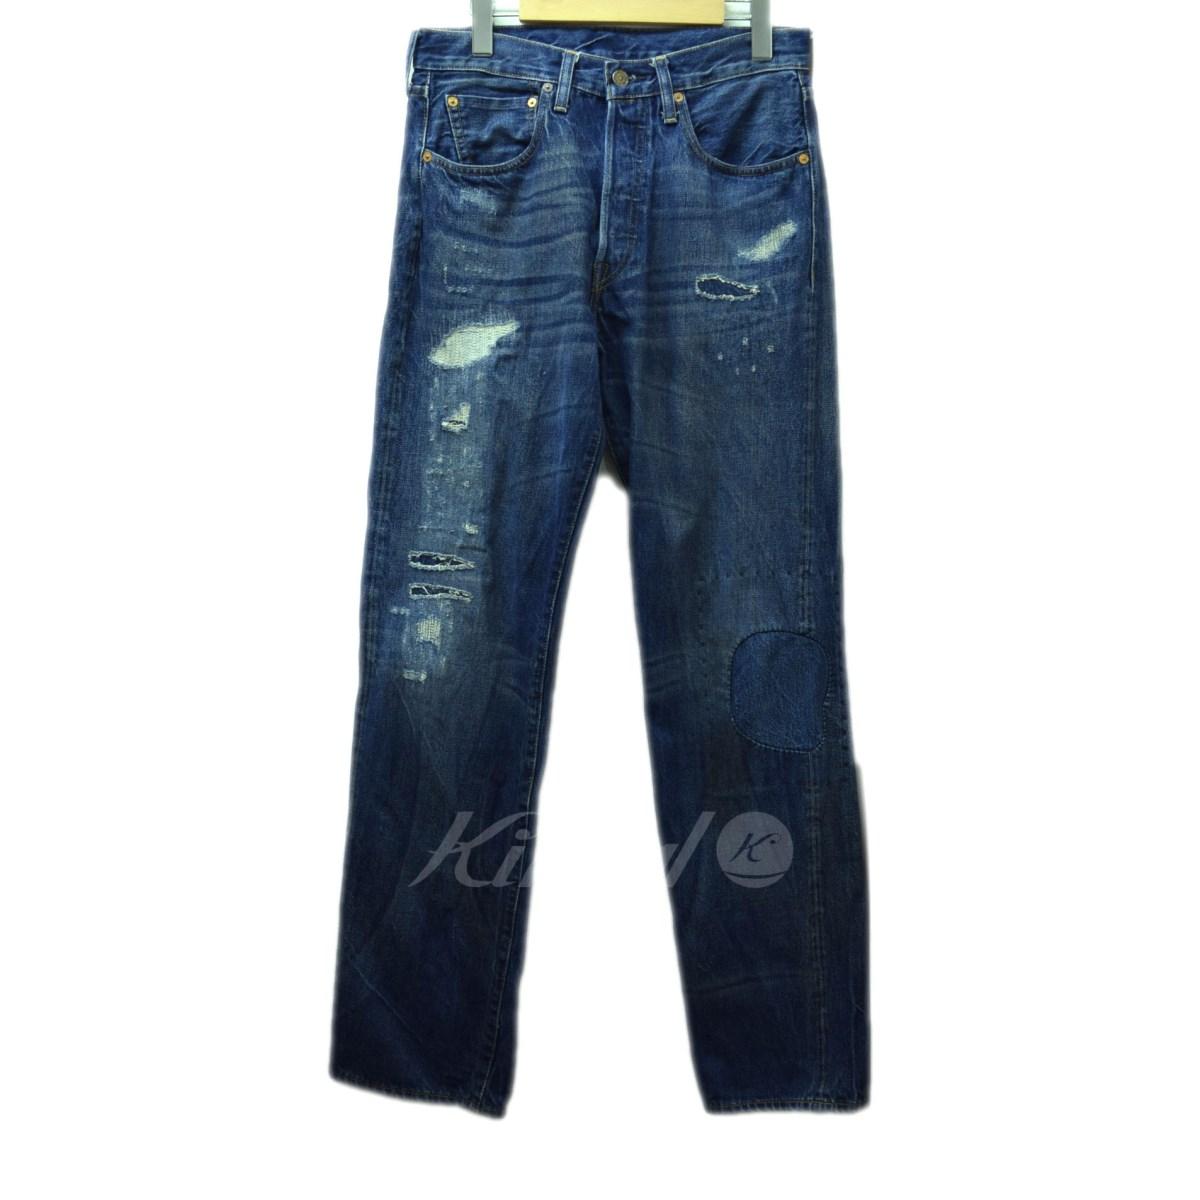 【中古】LEVIS VINTAGE CLOTHING 47501 リペア加工デニム ブルー サイズ:W31 【送料無料】 【090918】(リーバイスヴィンテージクロージング)